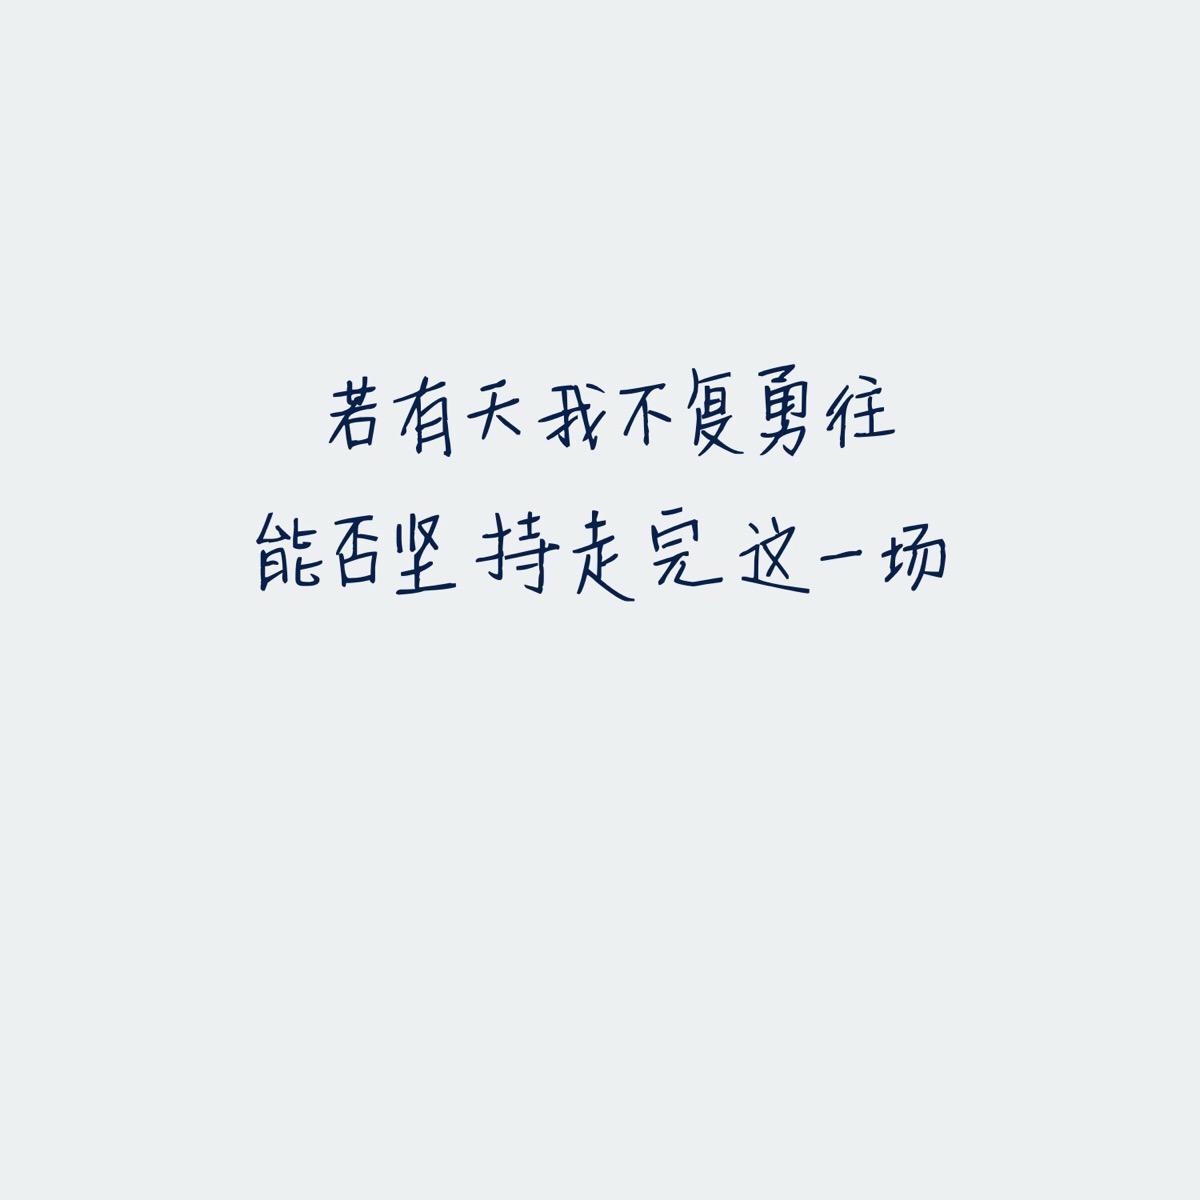 历历万乡 - 孟大宝 - 网易云音乐